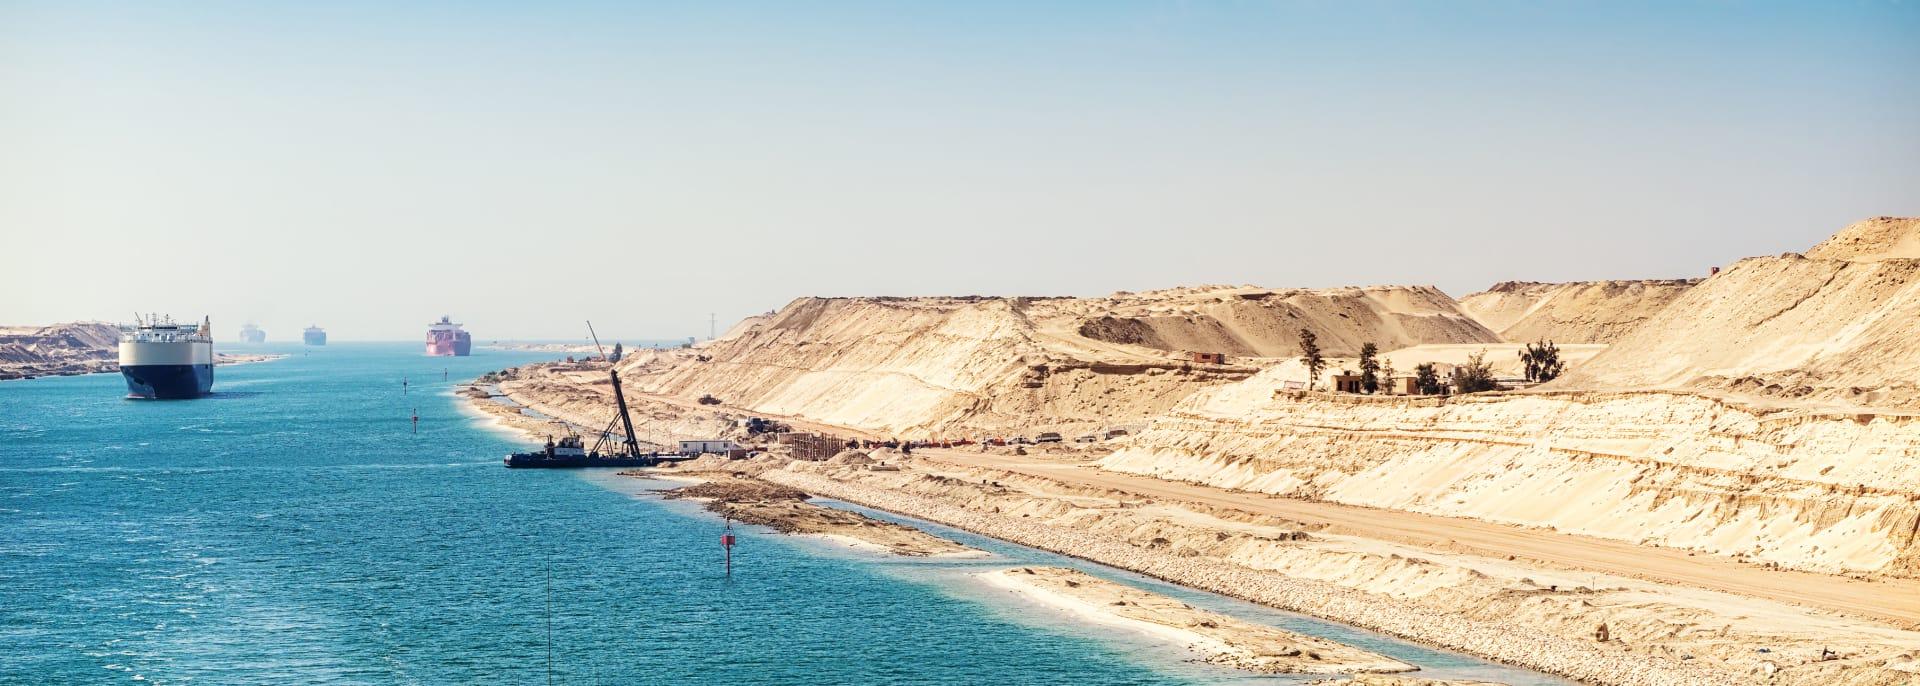 Suezkanal Flussfahrt